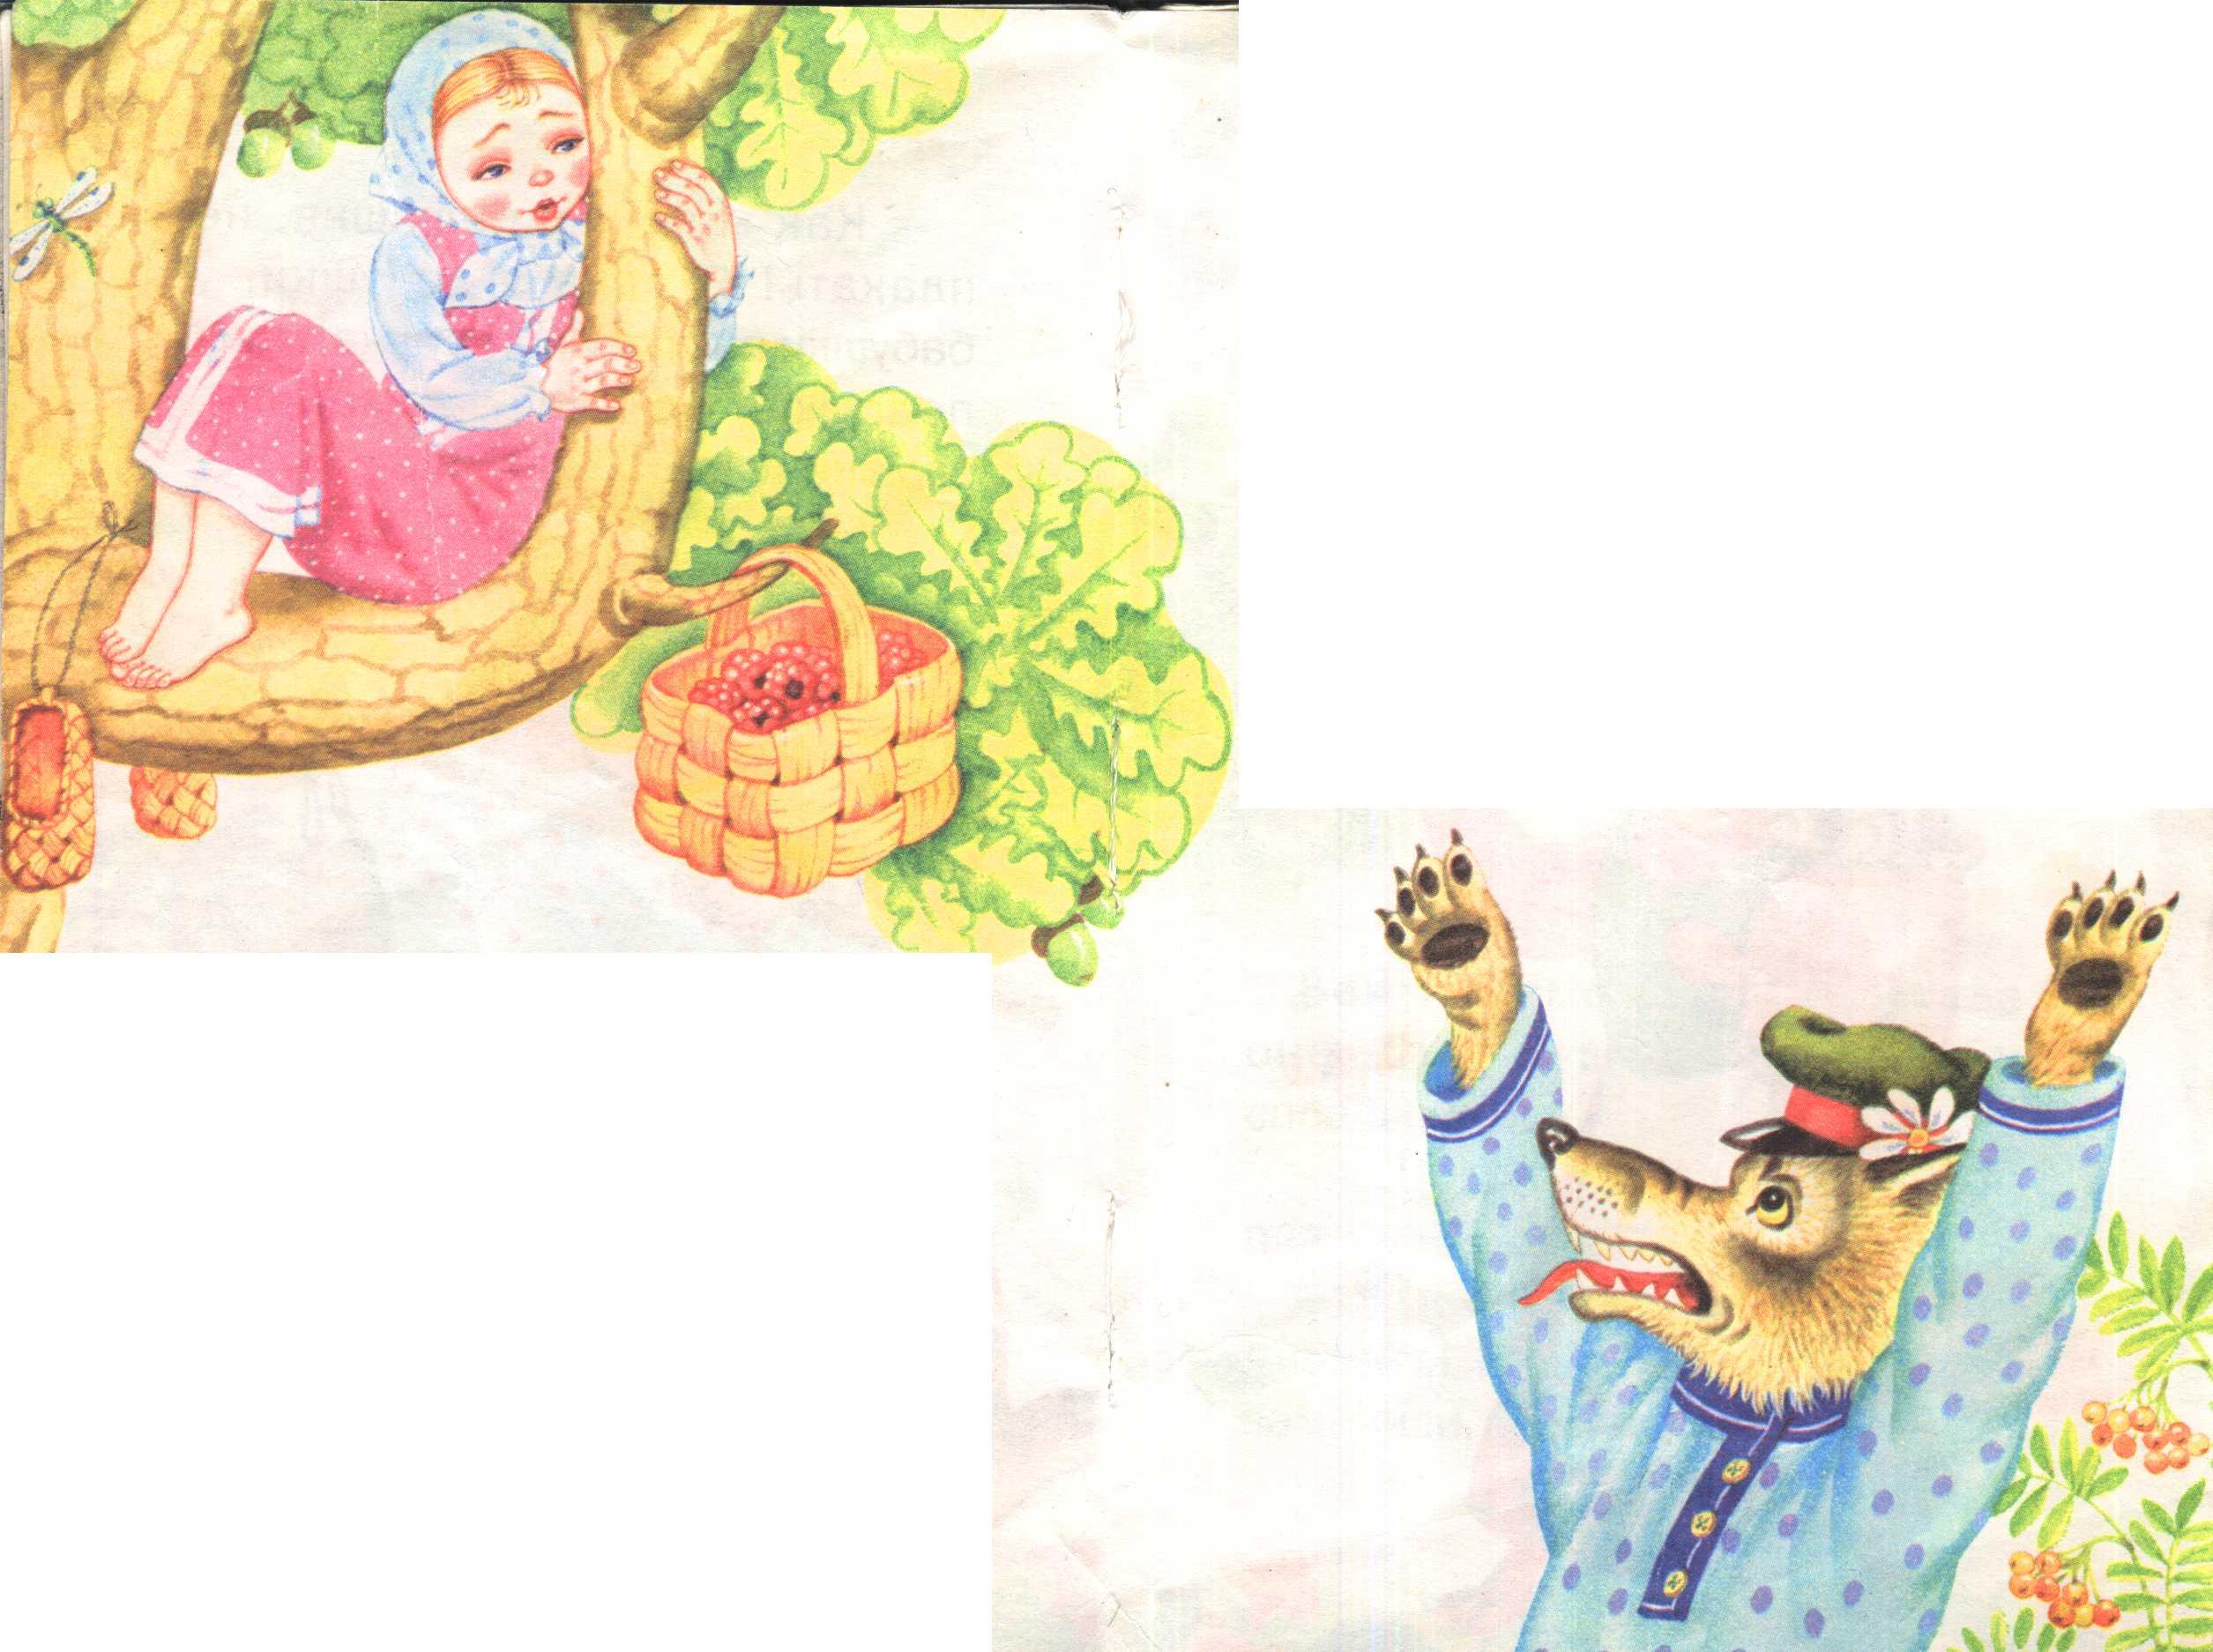 сказка снегурушка и лиса в картинках